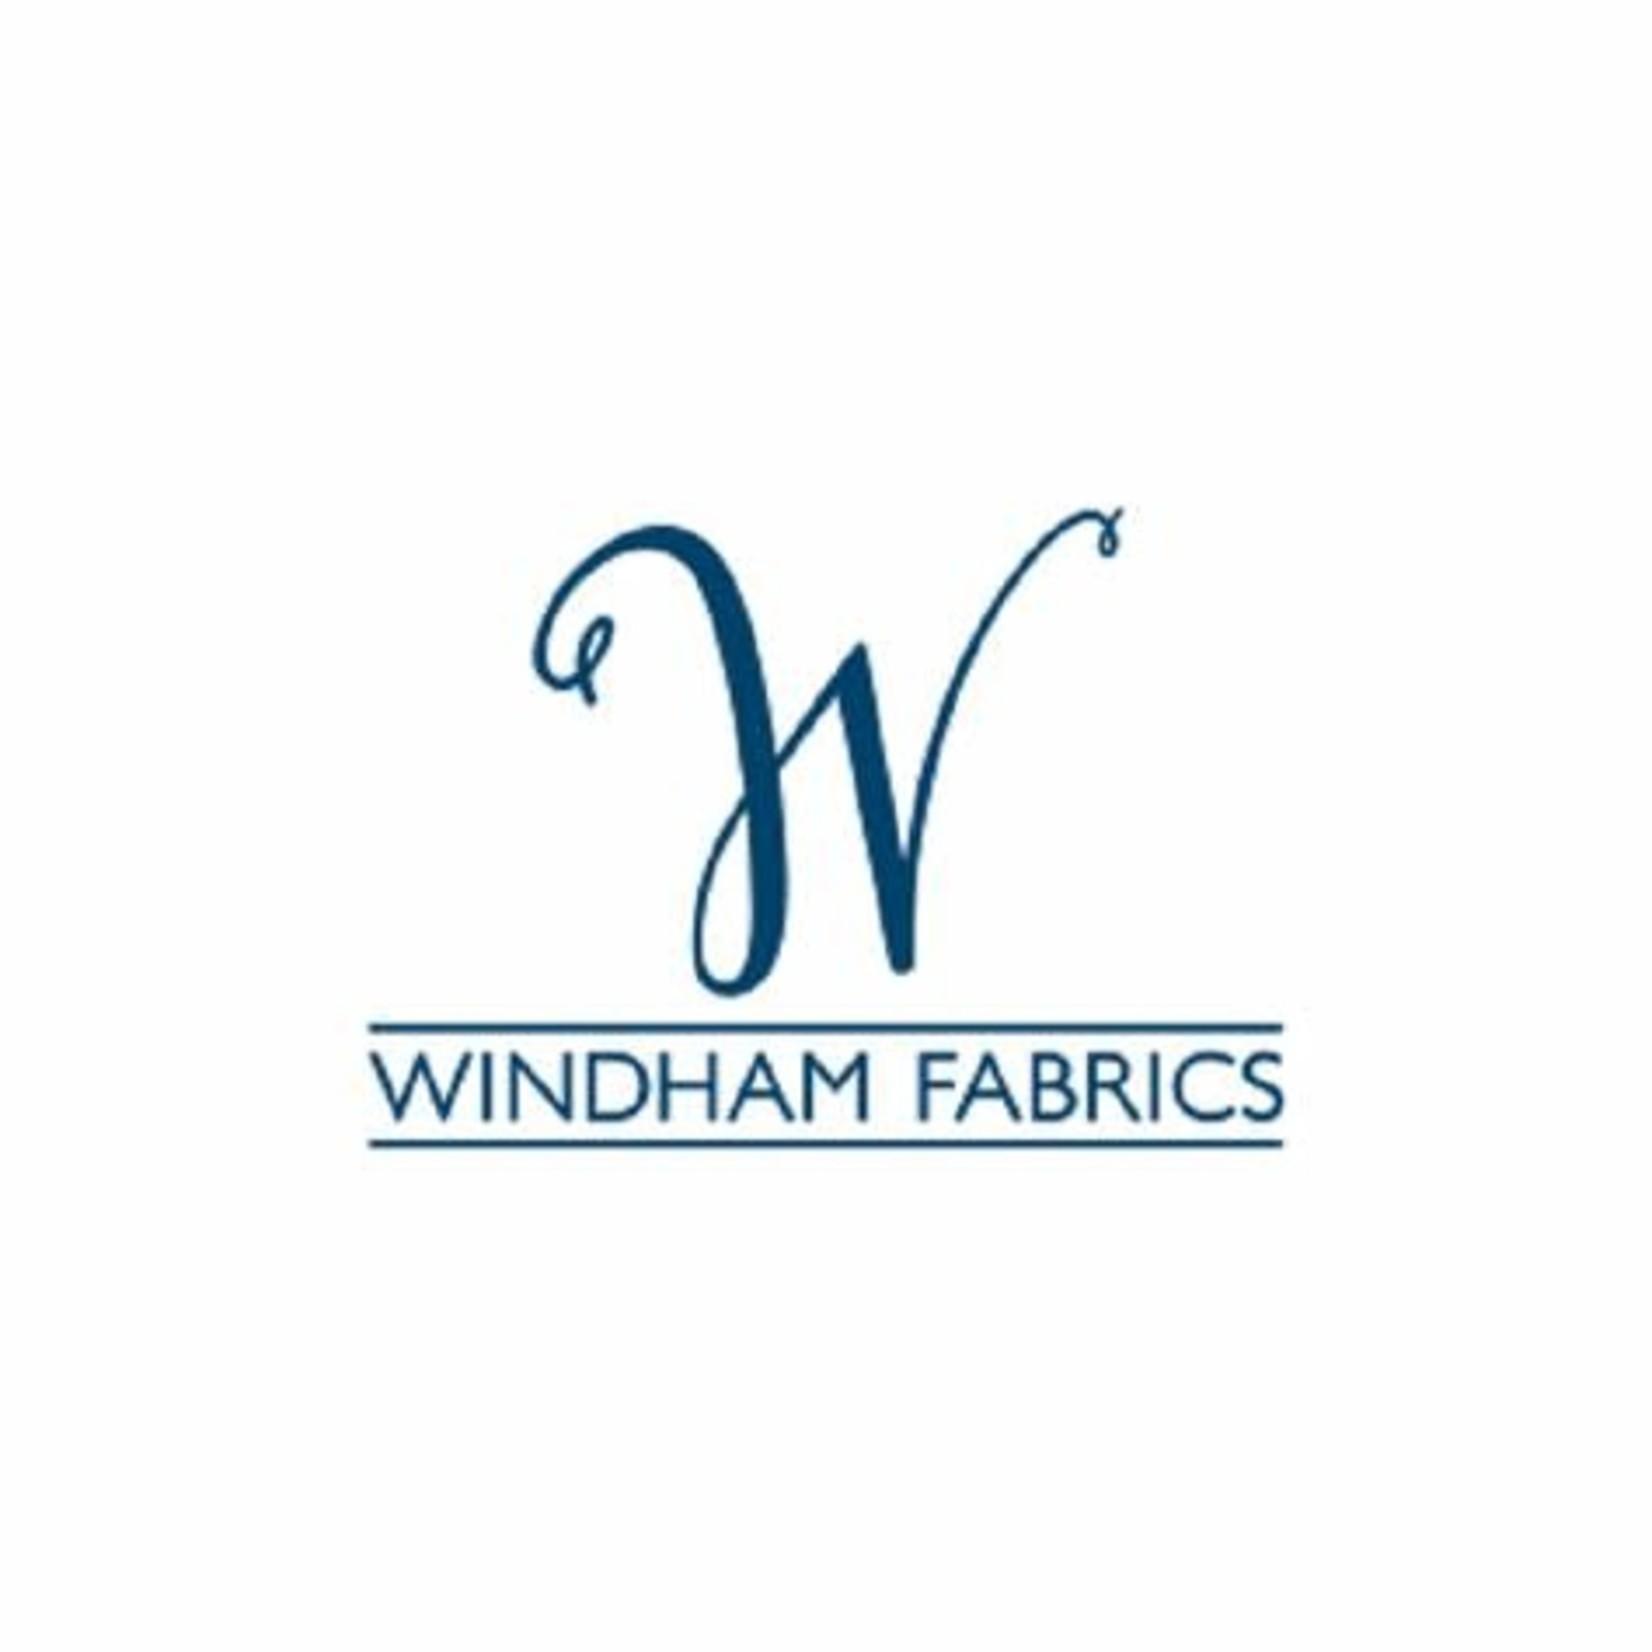 Windham Fabrics Midsummer - Honesty Seed - Sky